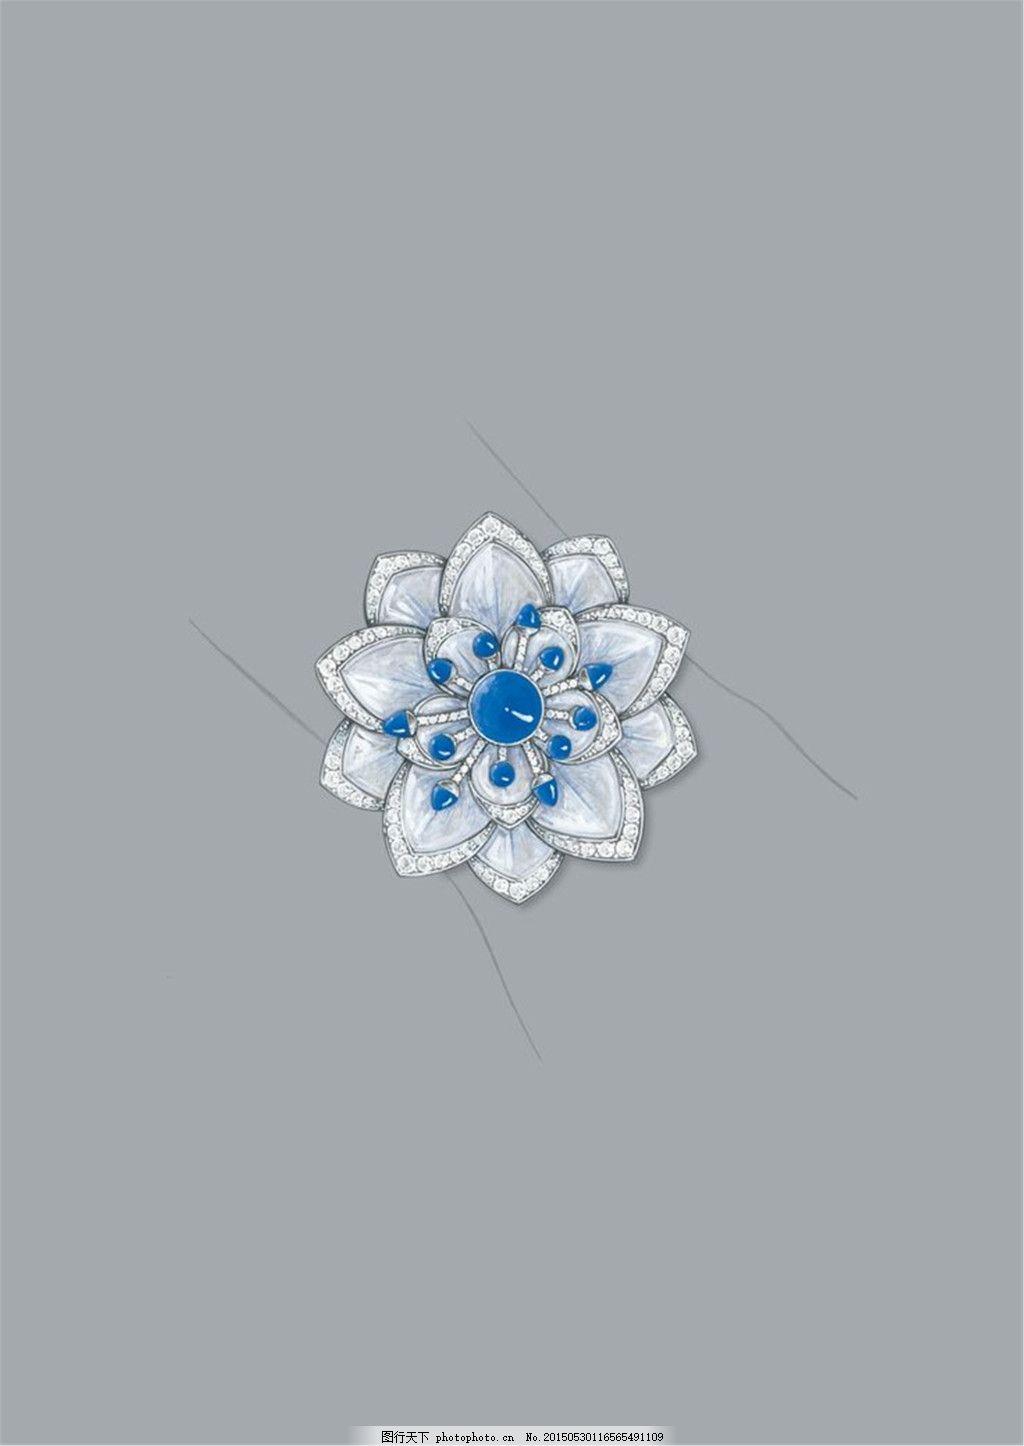 手绘珠宝广告设计